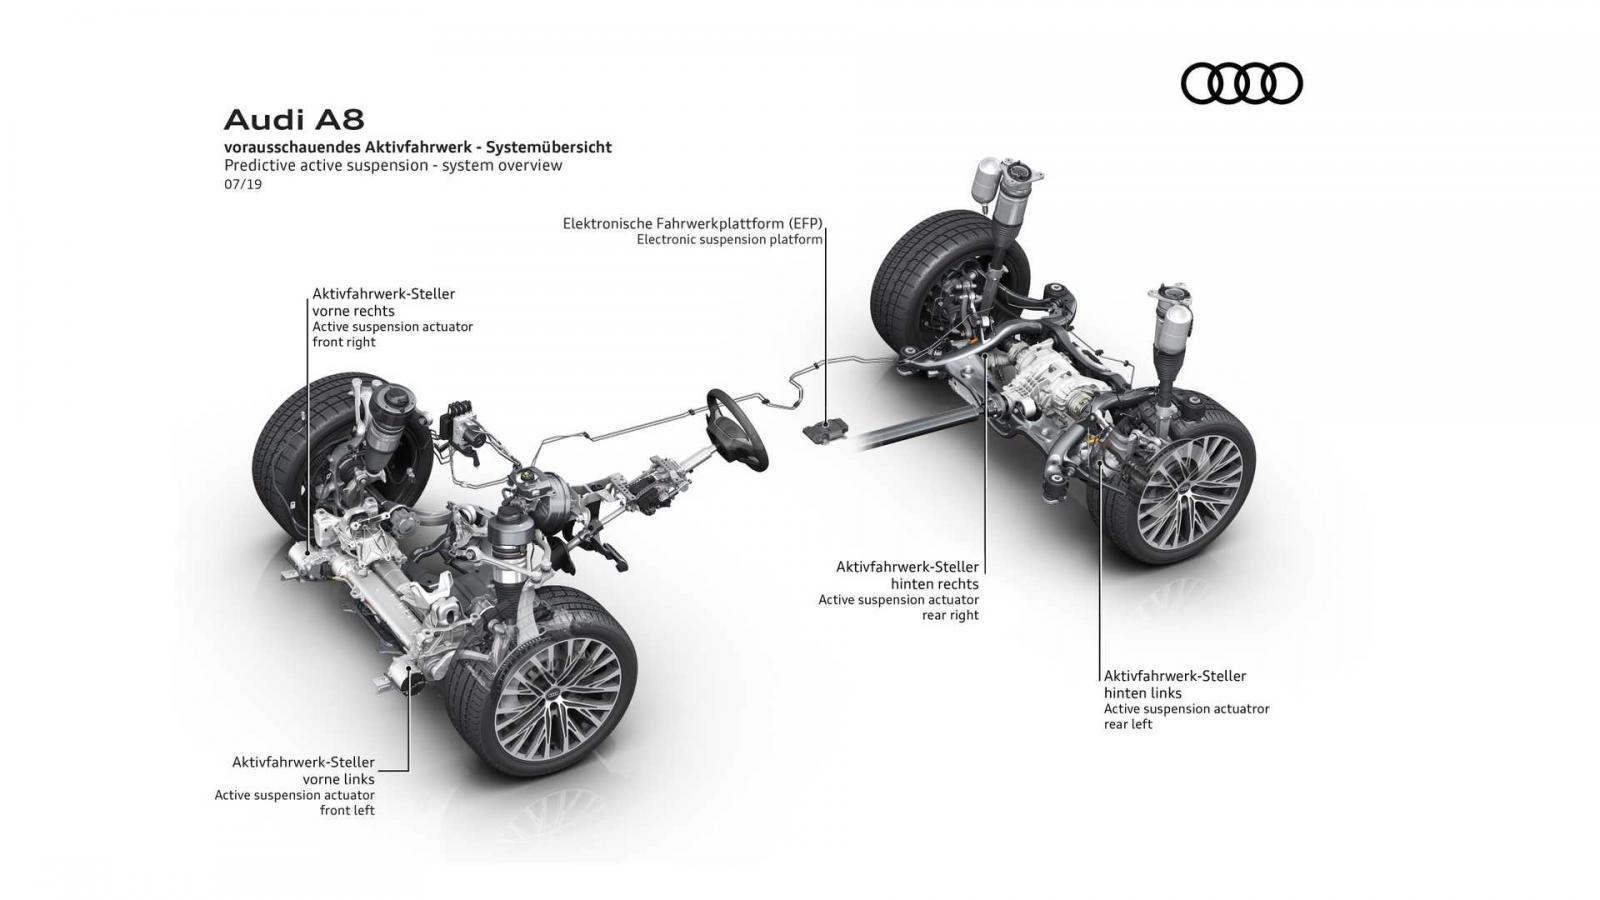 Audi A8 trang bị hệ thống treo tự chỉnh dự kiến mang đến cảm giác lái tuyệt vời